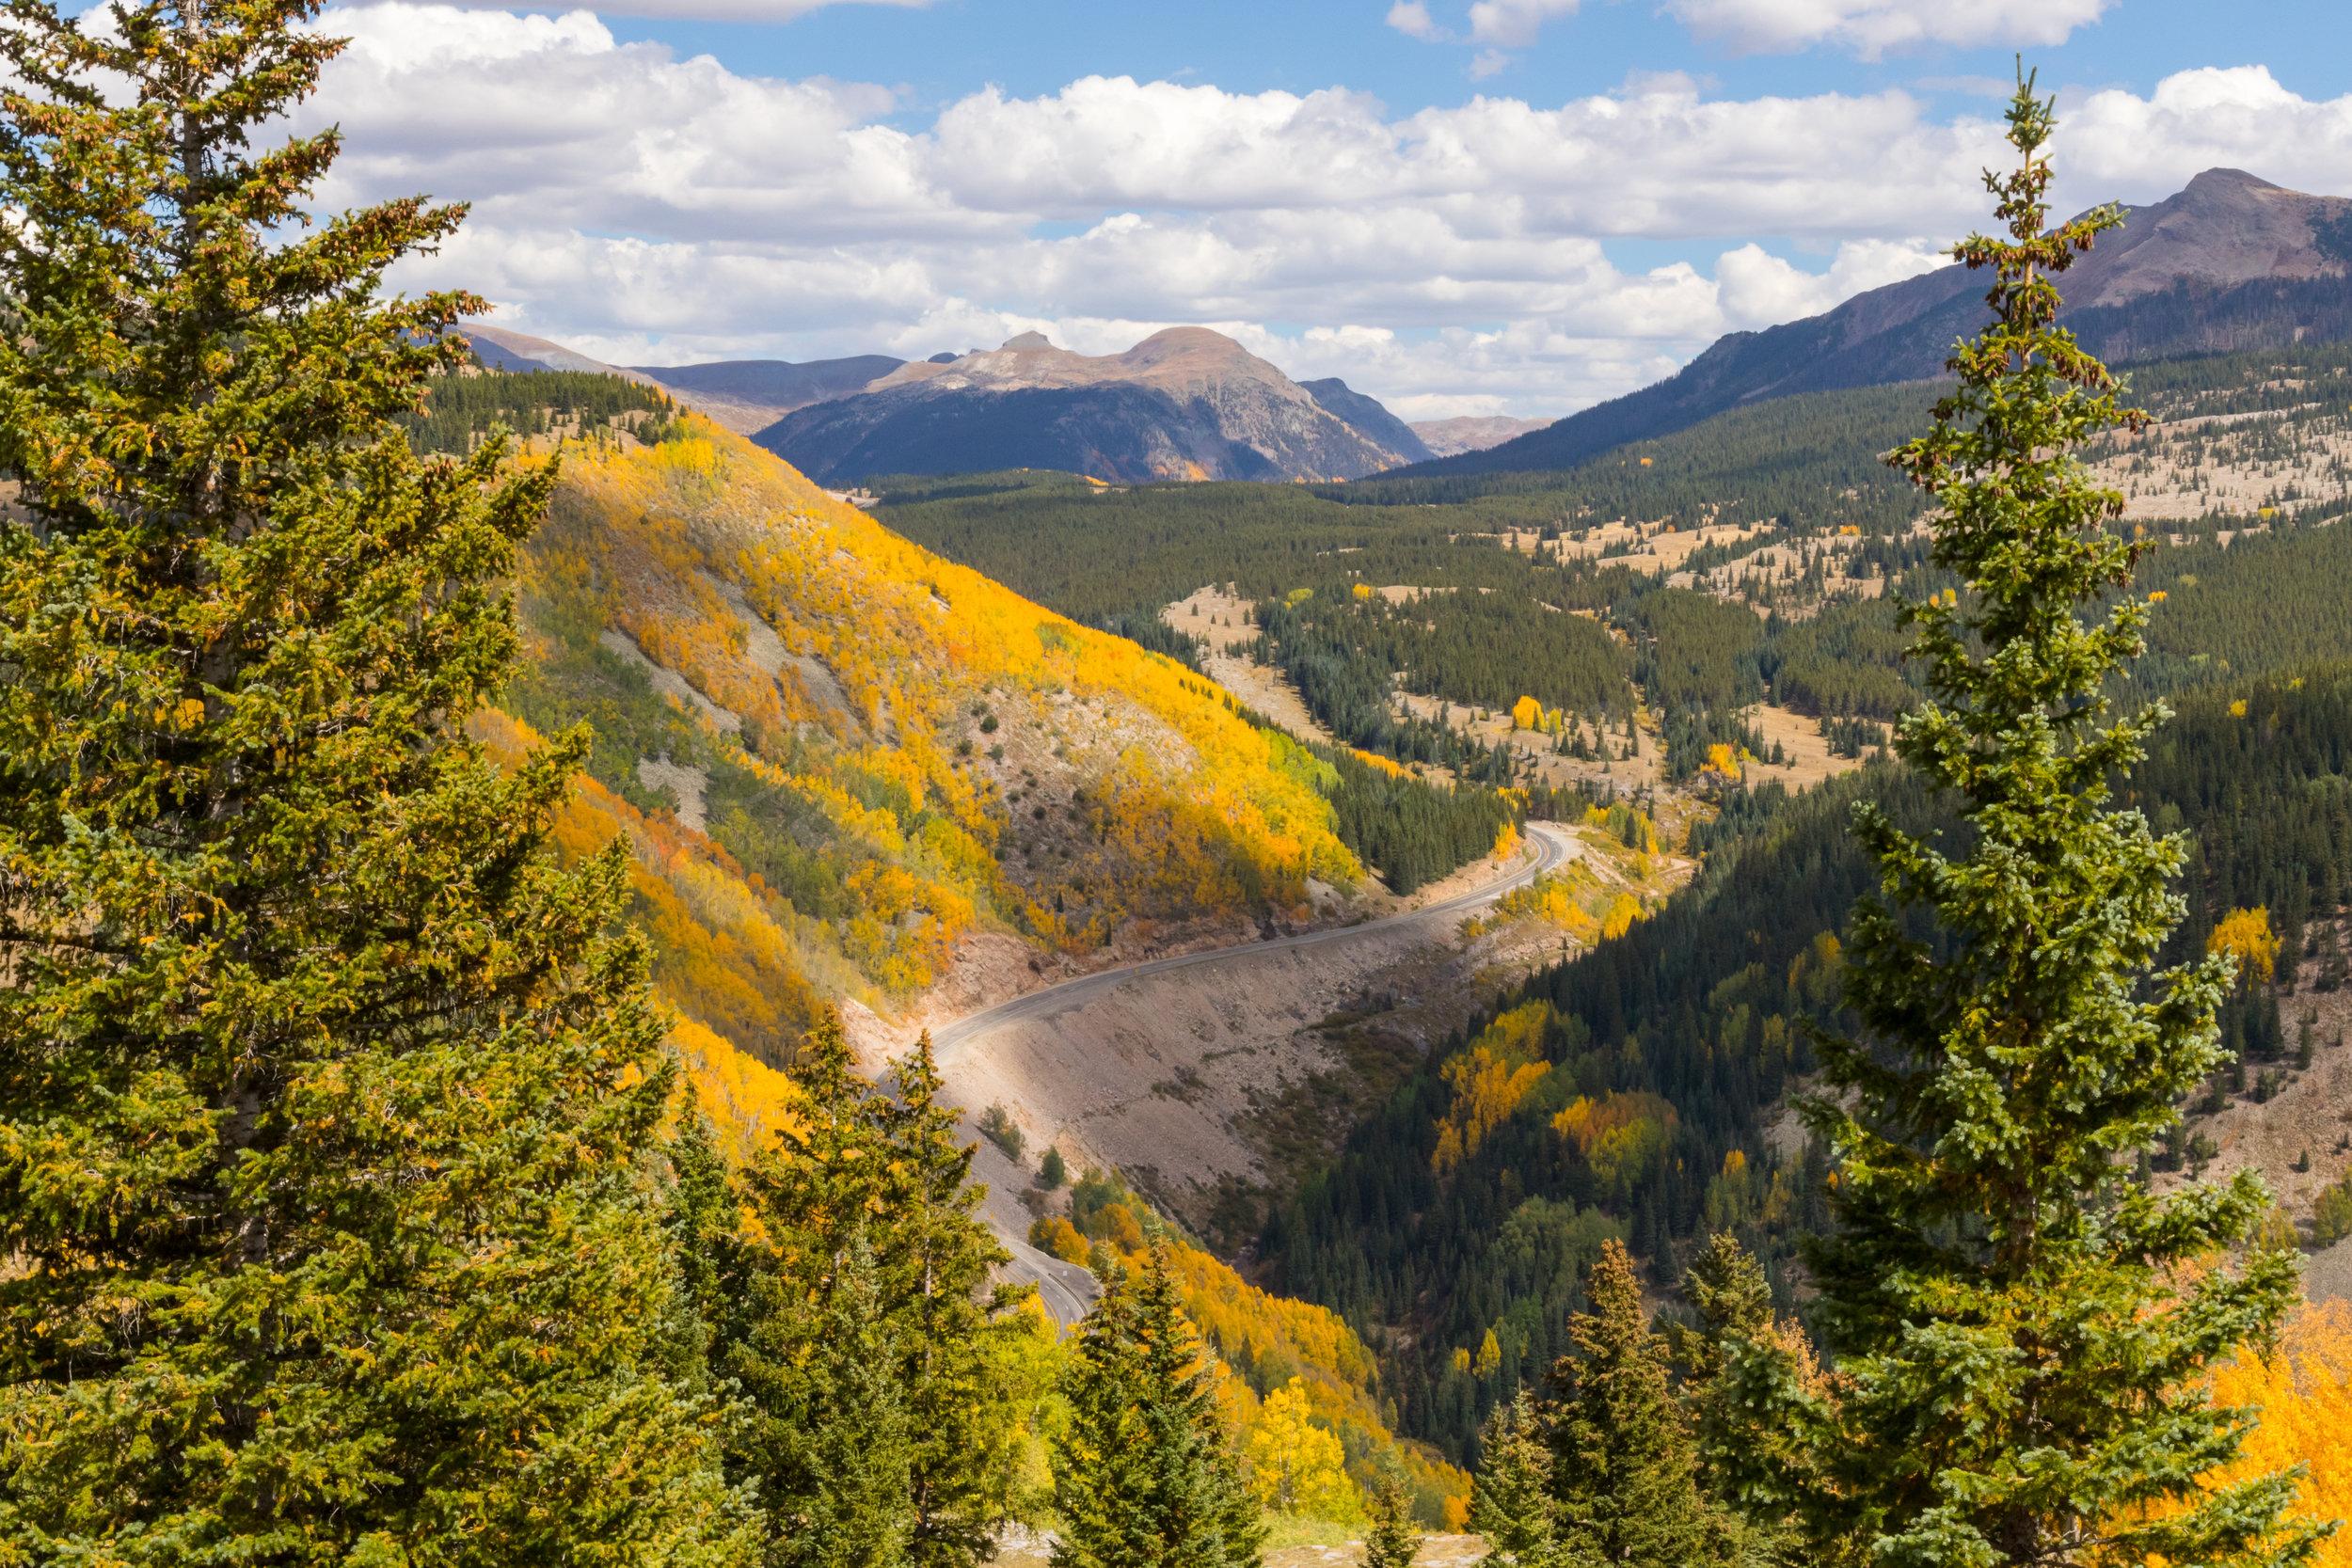 Deer Creek, Image # 7384